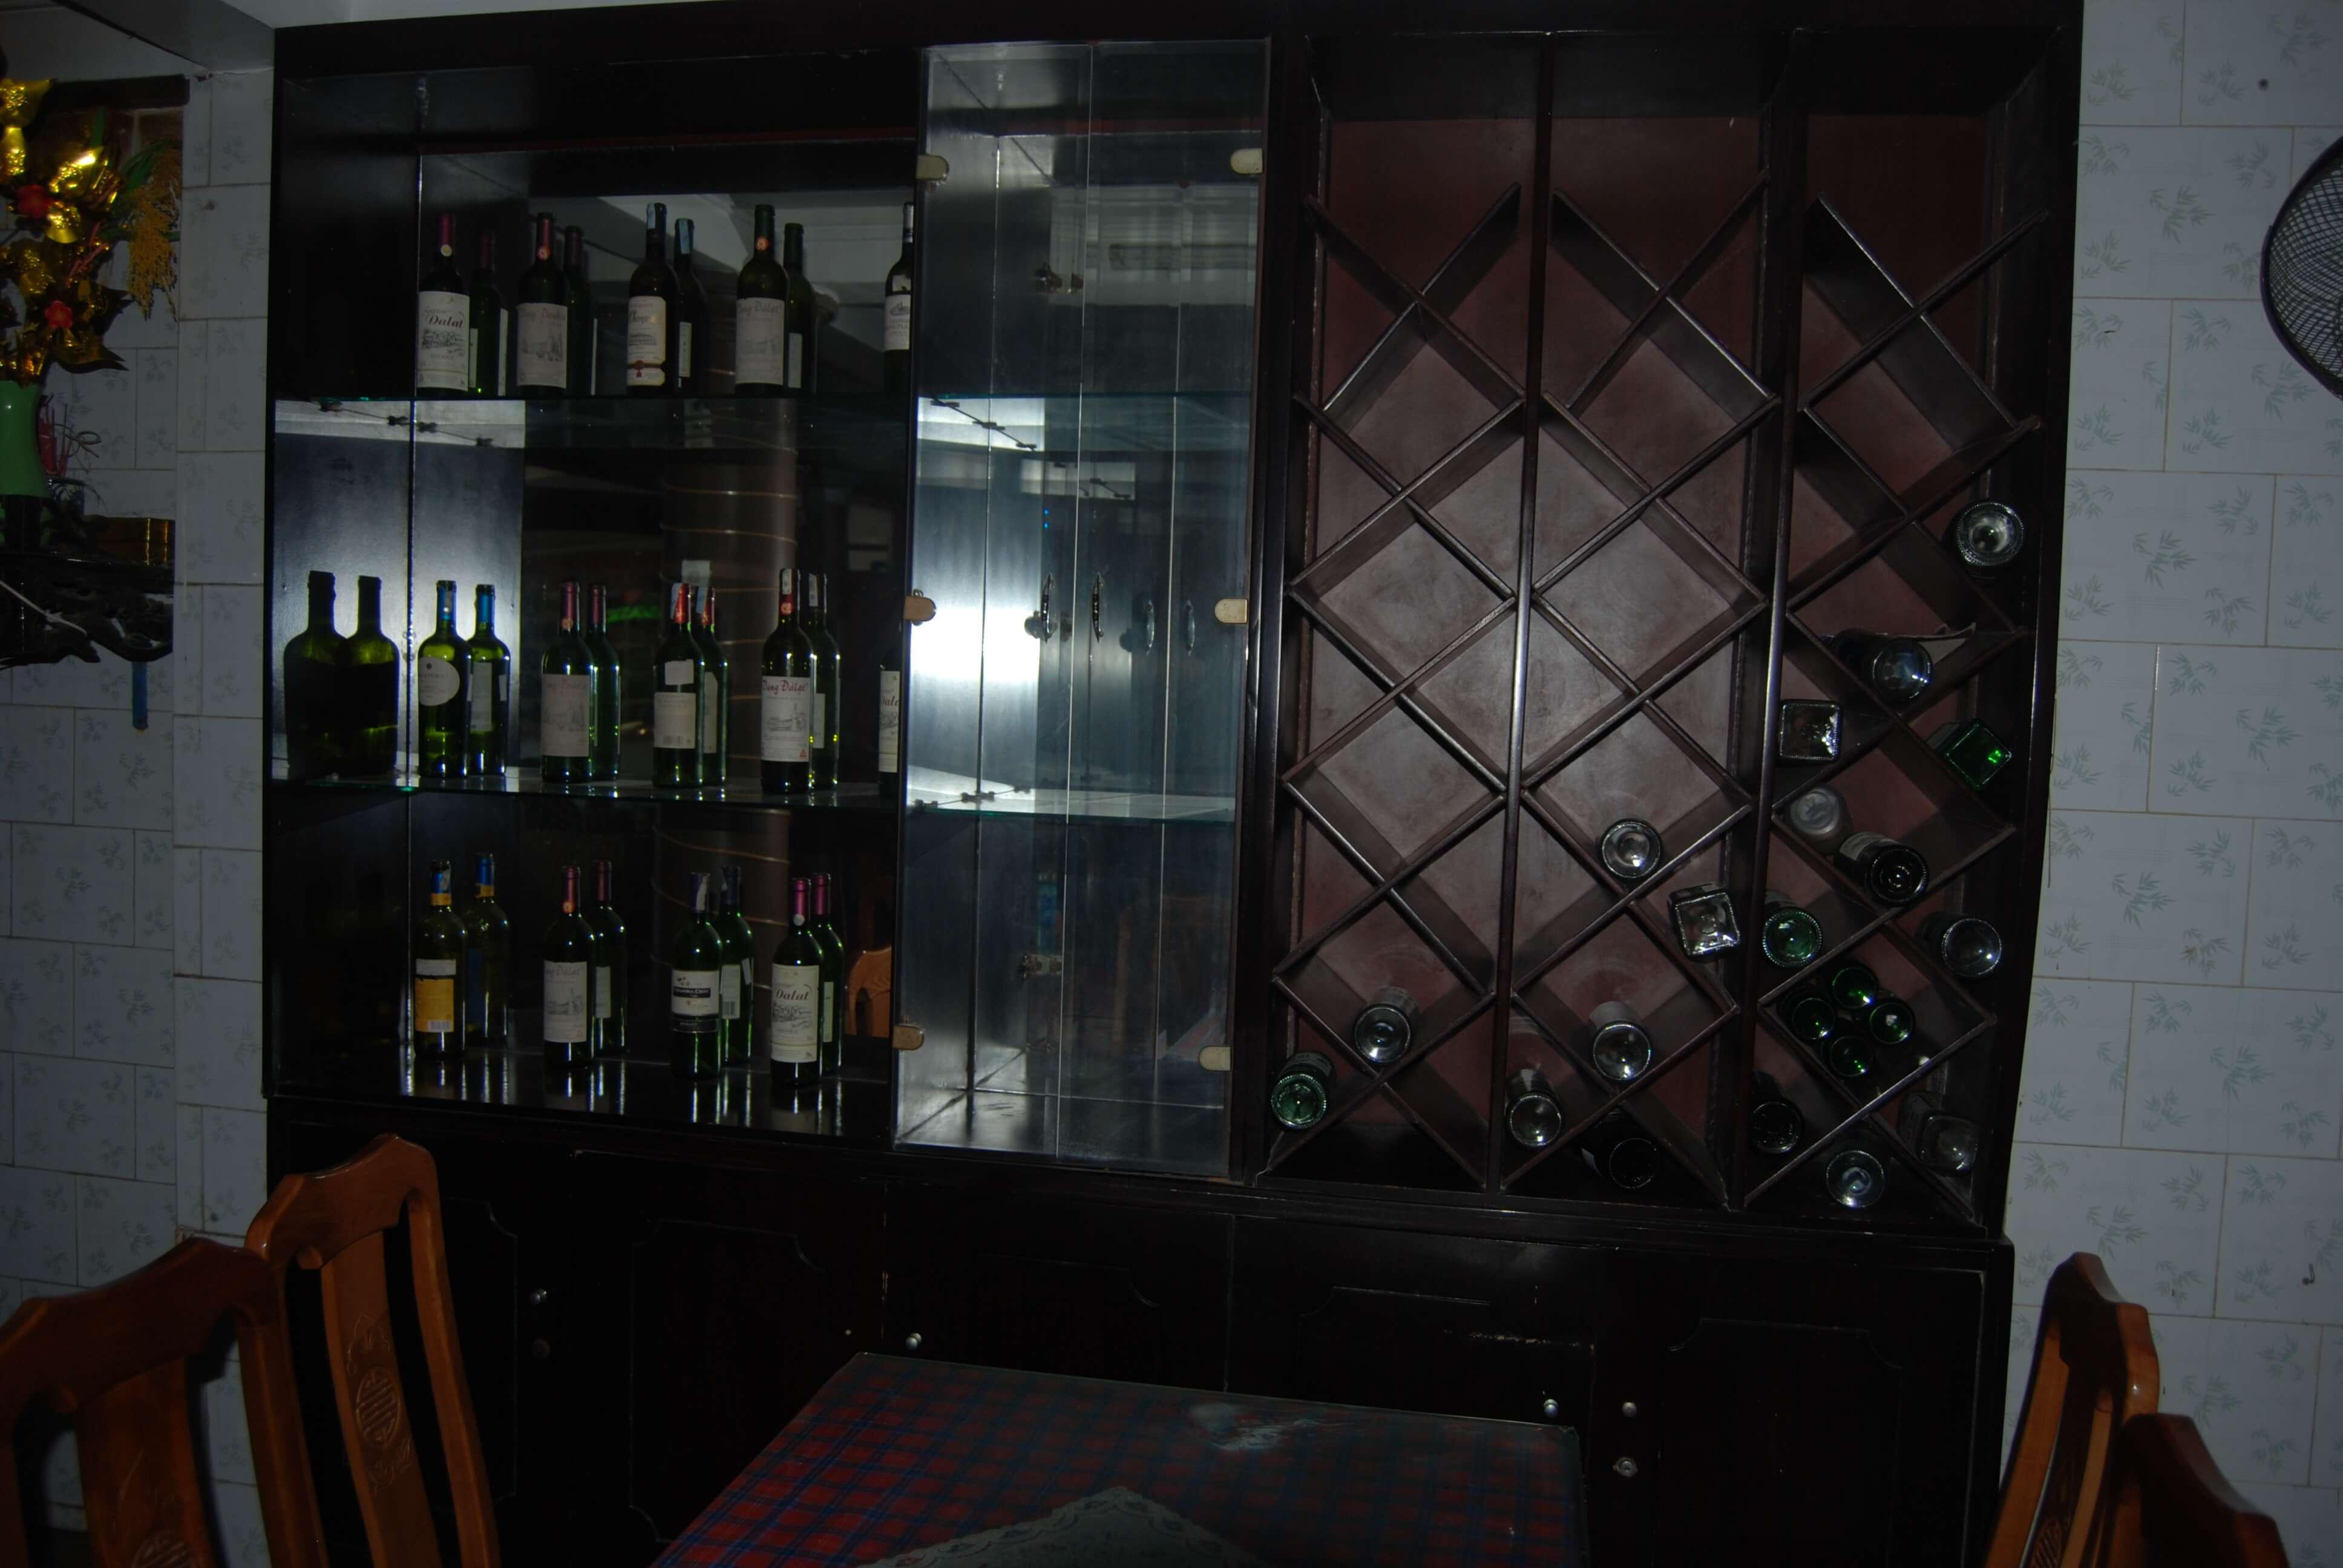 Quầy Bar với nhiều loại rượu khác nhau